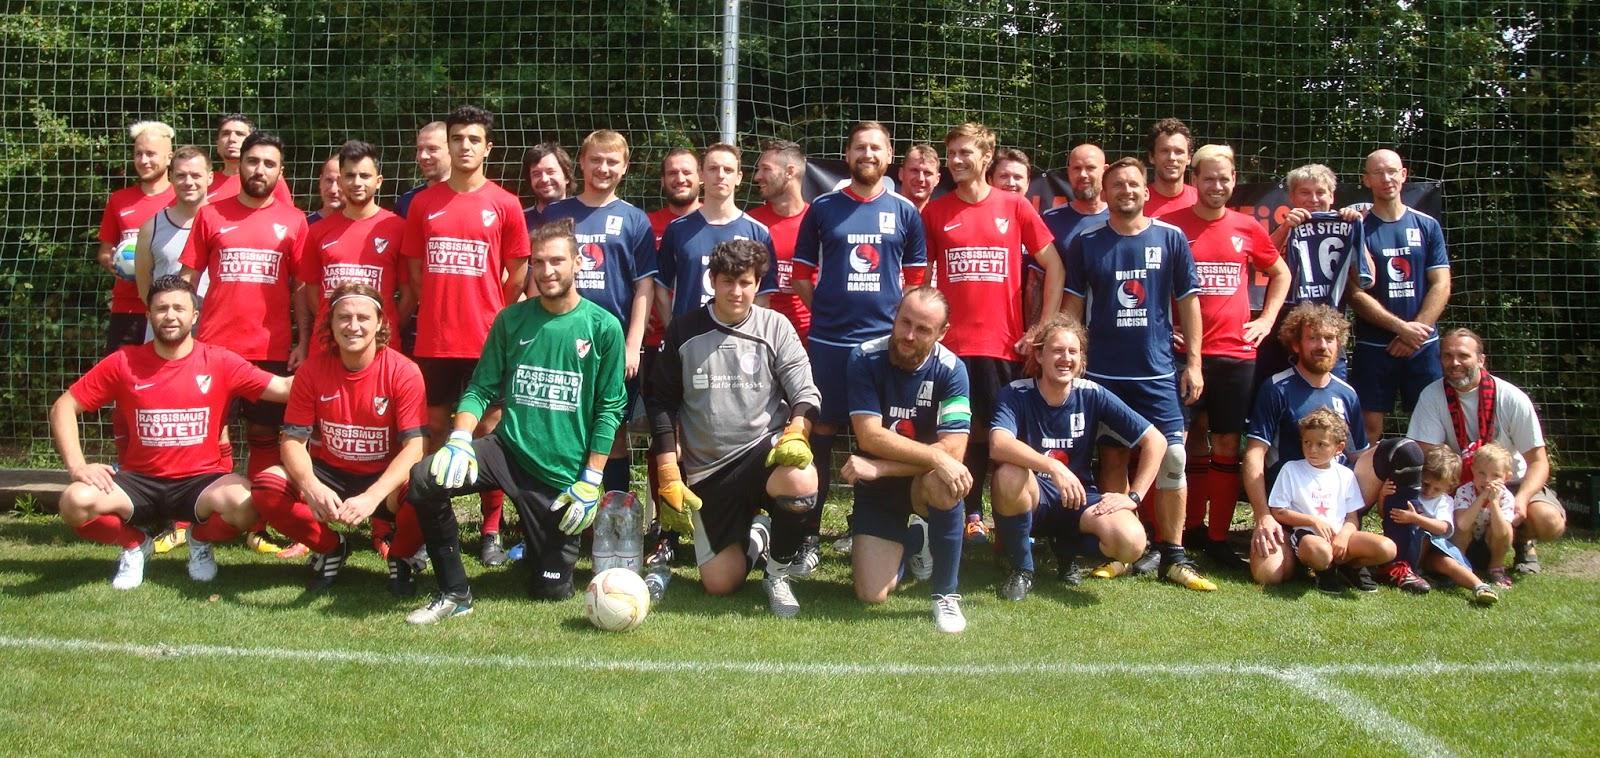 Roter Stern Altenburg Fussball August 2018